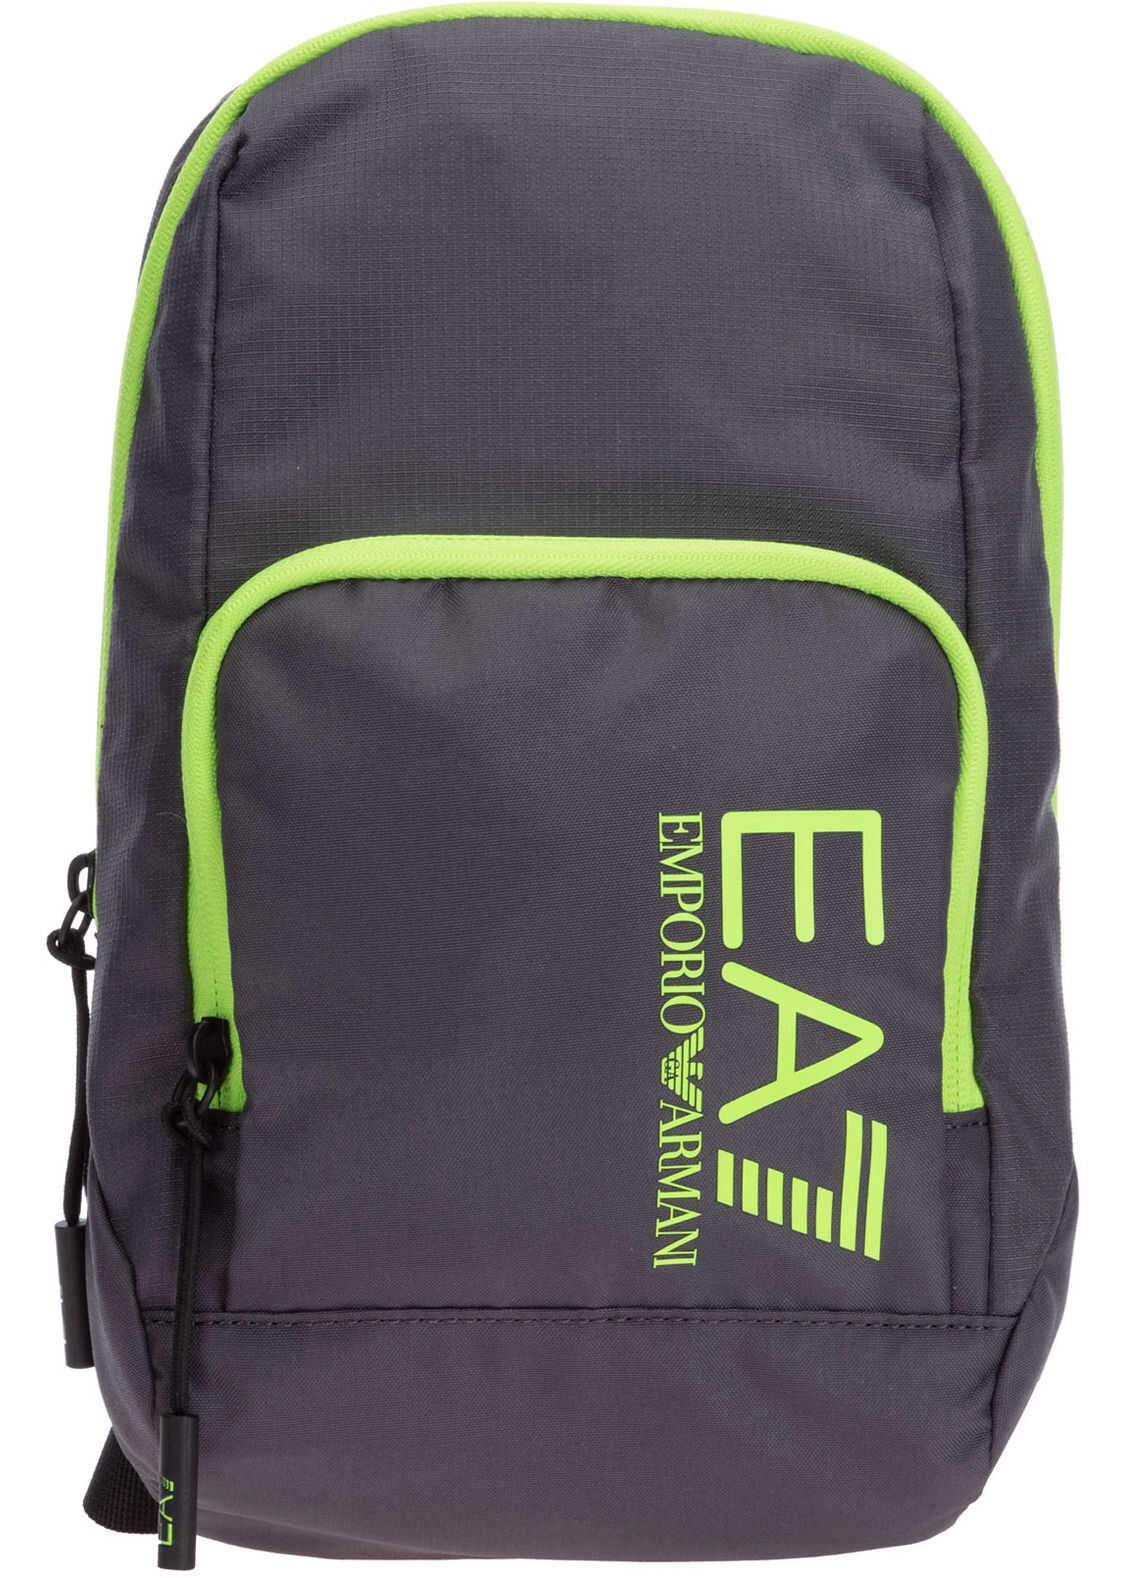 EA7 Shoulder Bag 275970CC98010149 Grey imagine b-mall.ro